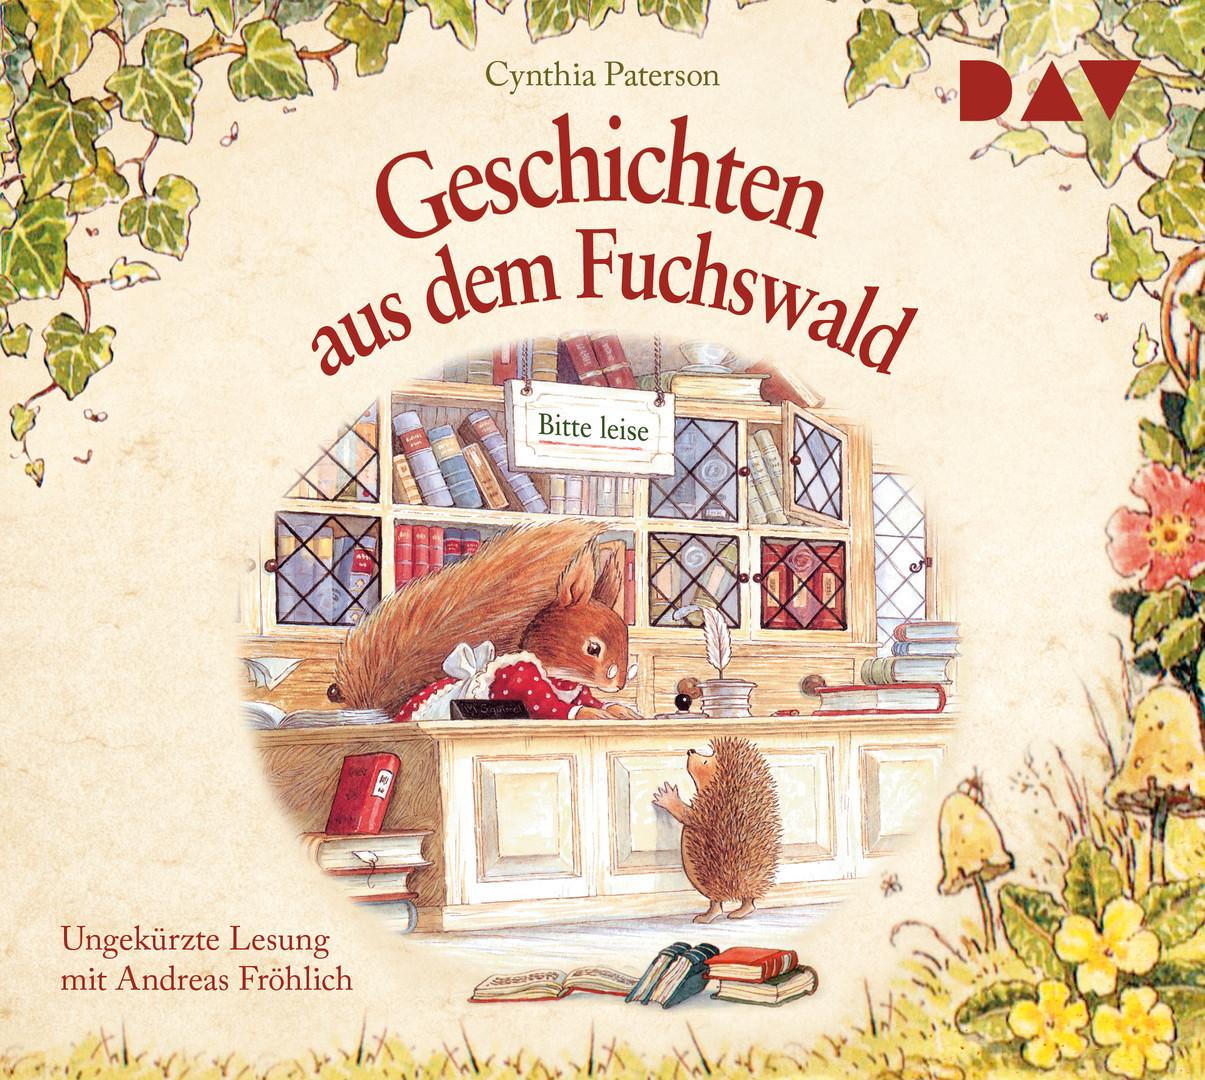 Cynthia Paterson - Geschichten aus dem Fuchswald